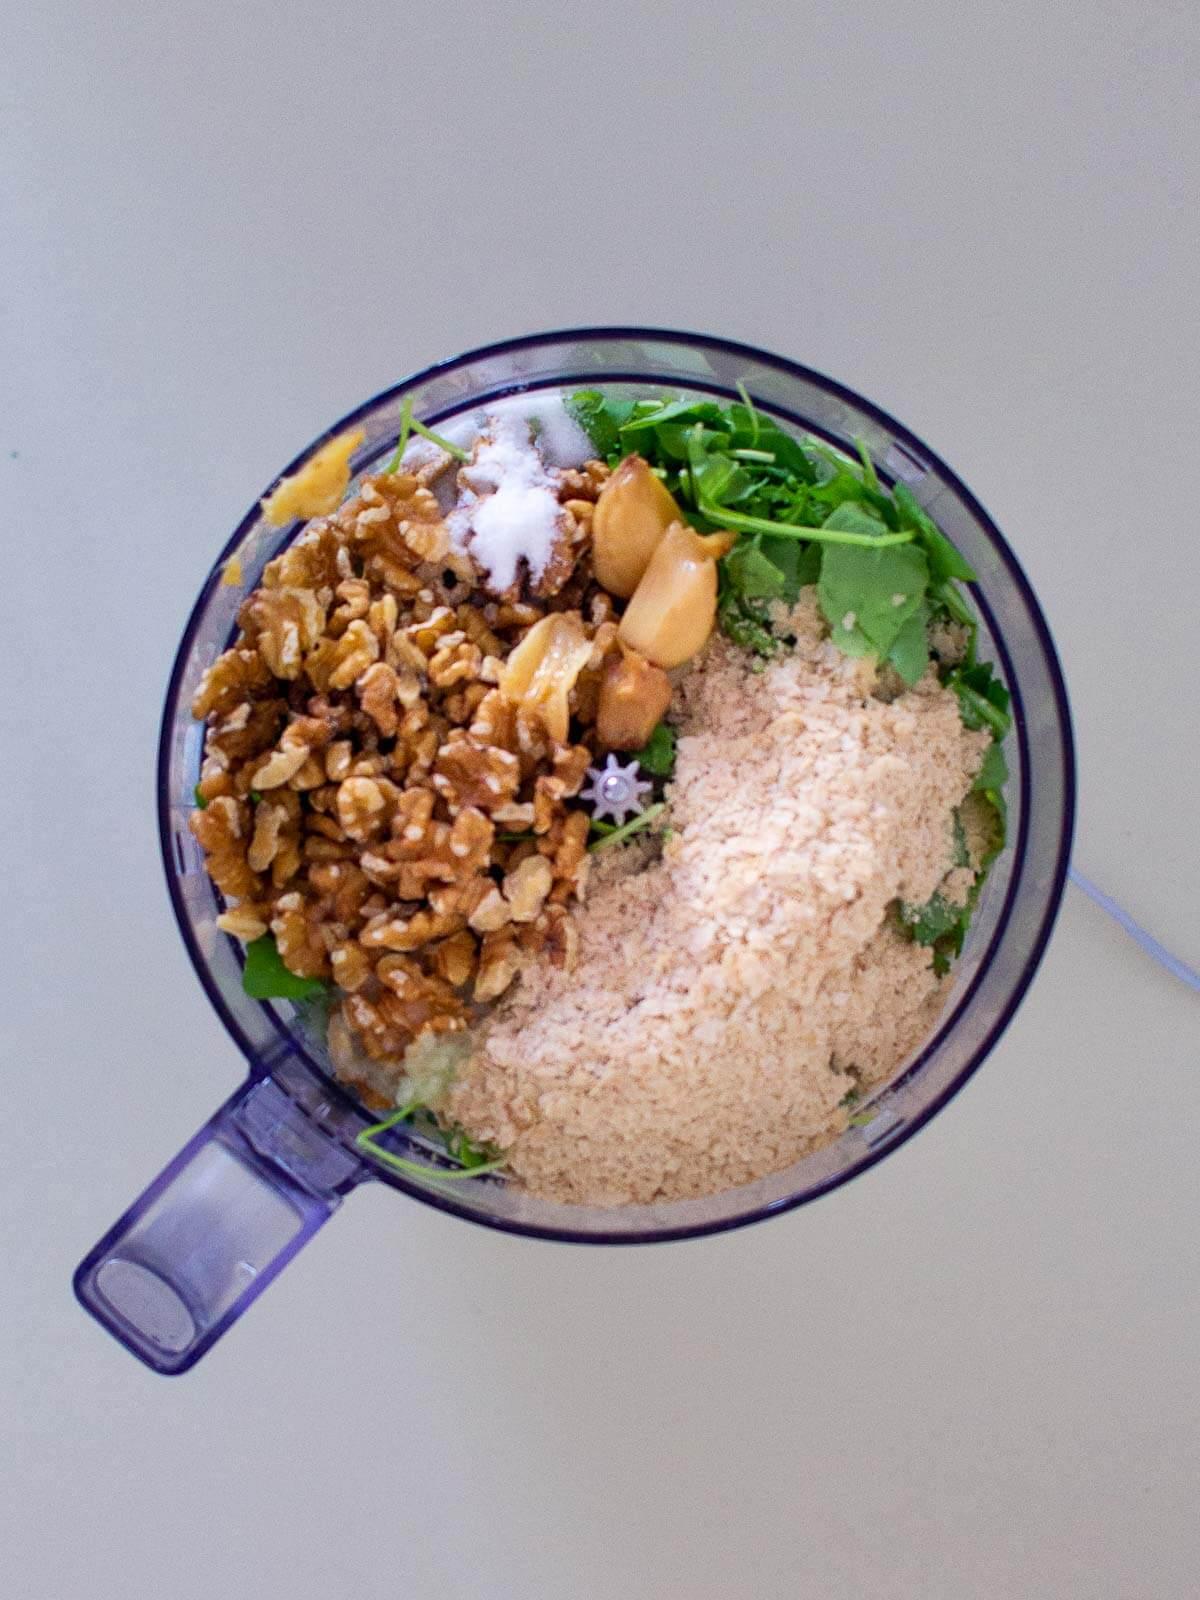 Vegan Arugula Pesto Ingredients in Blender